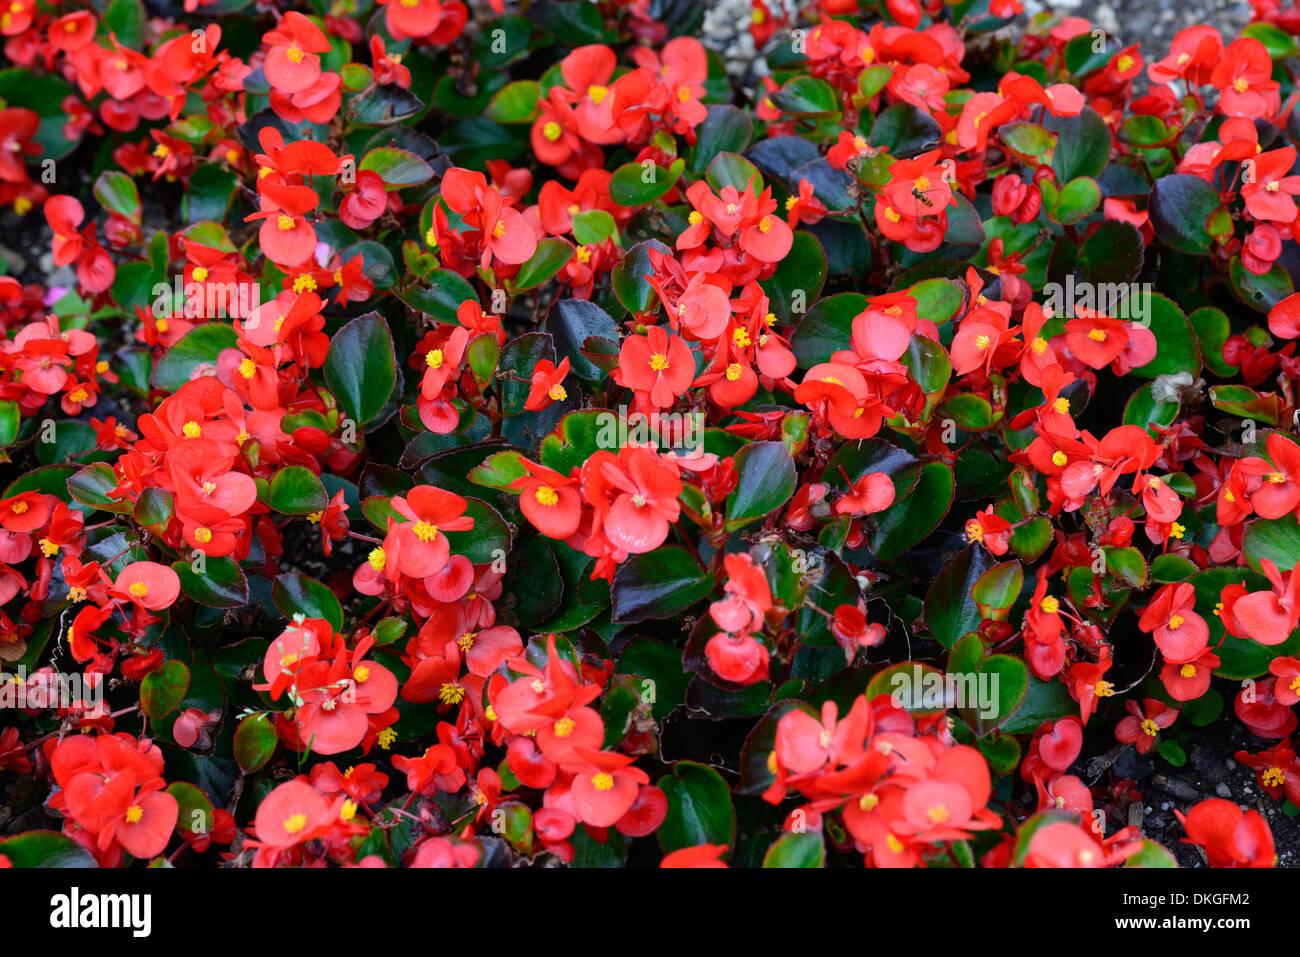 begonia semperflorens flowers flowering blooms annuals red pink Stock